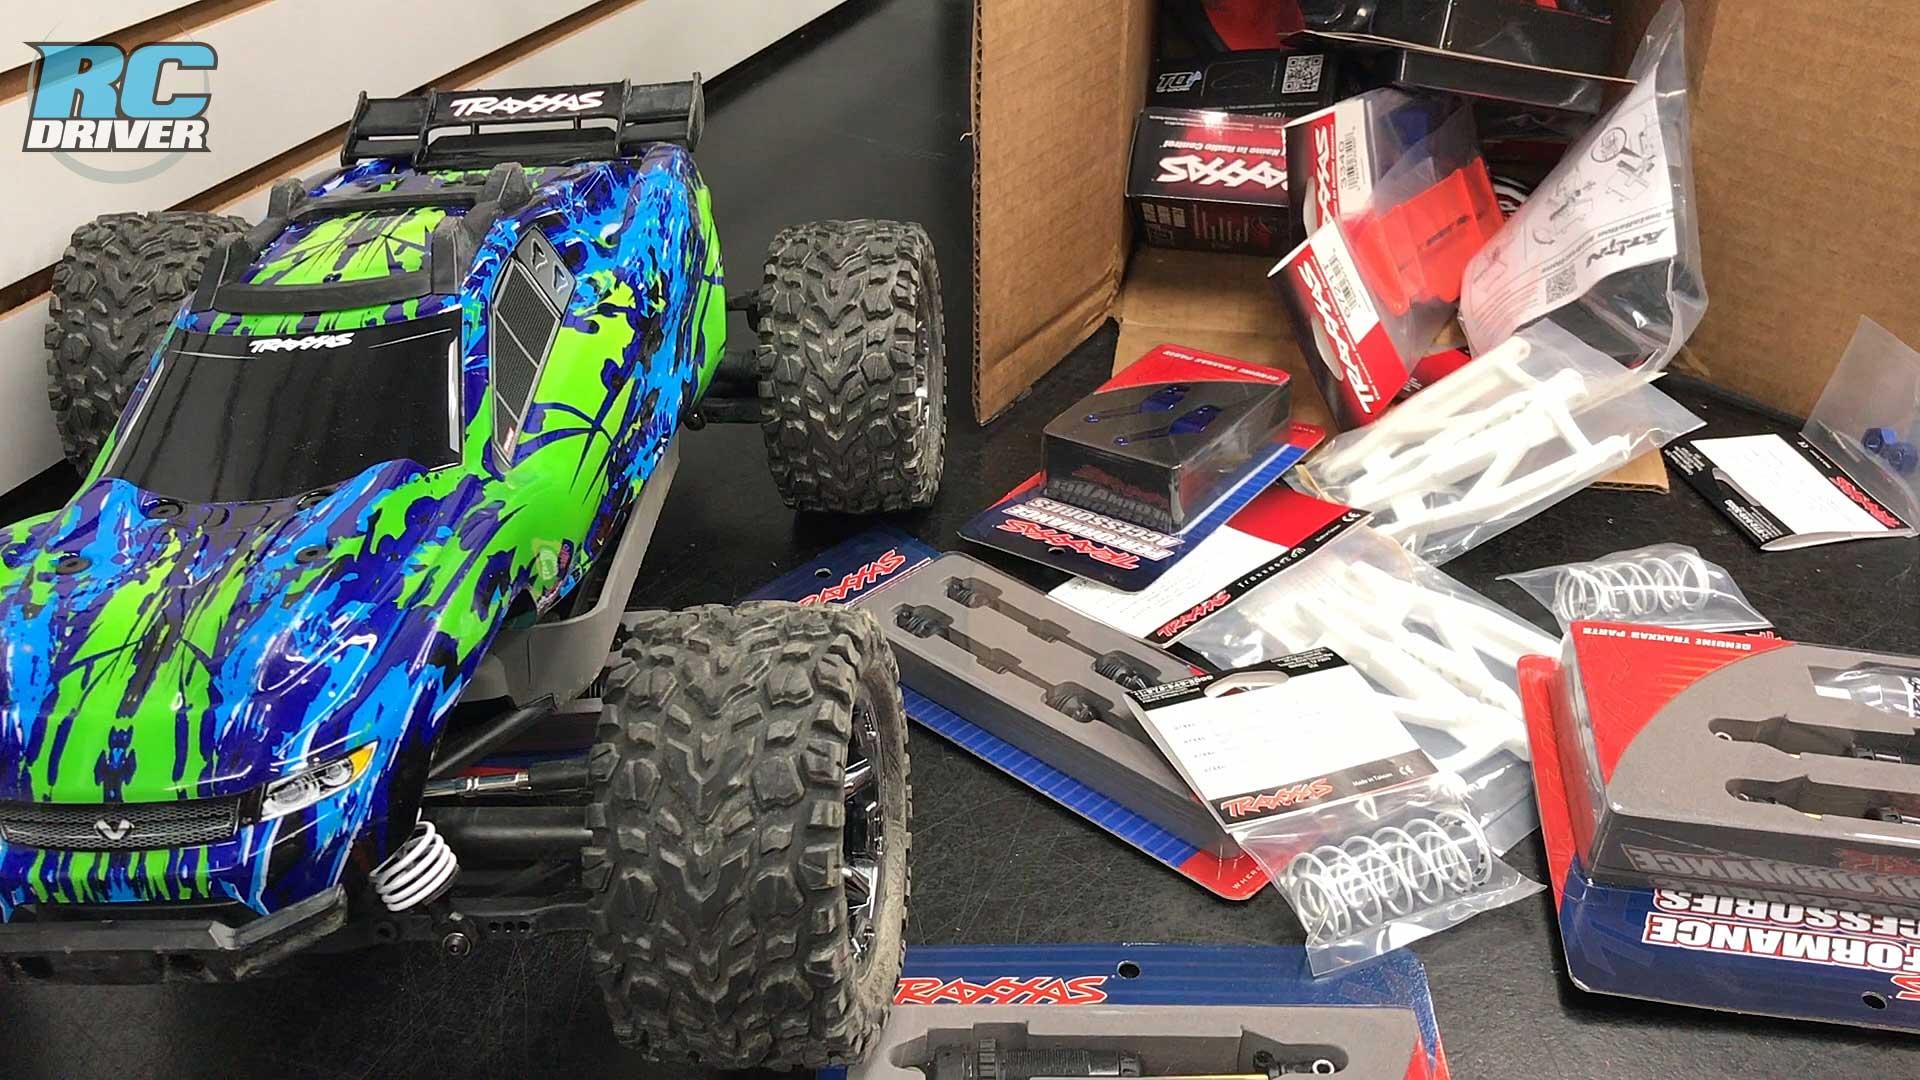 Traxxas Rustler 4x4 VXL Full Upgrade Project Truck Part 1